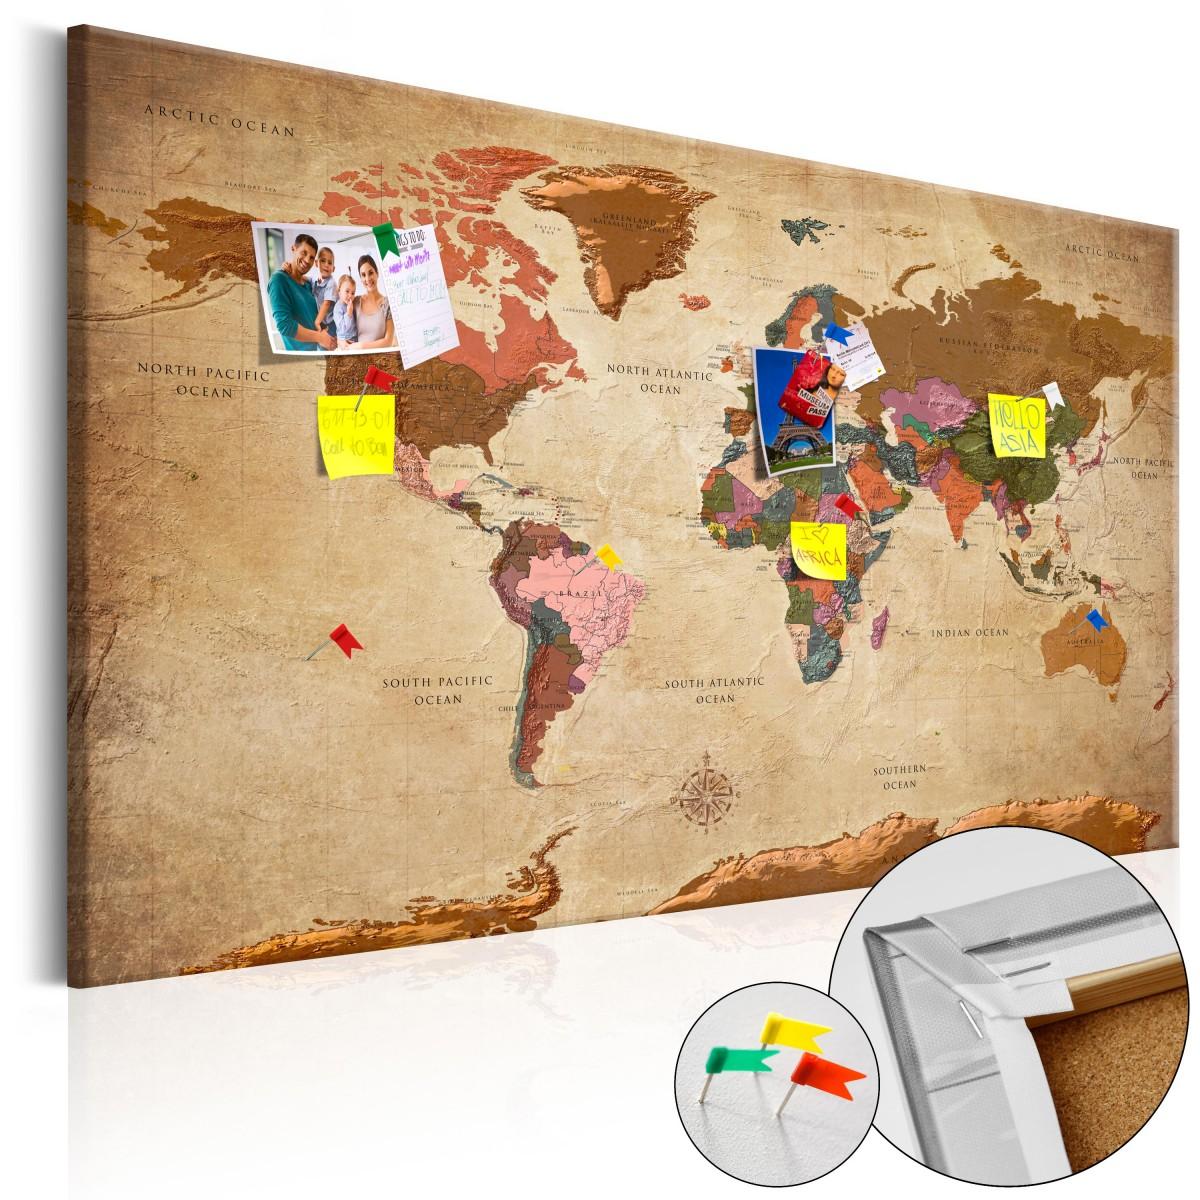 a812a754f10f13 Przedmiotem aukcji jest: Obraz na korku - Mapa świata: Brązowa elegancja [Mapa  korkowa] w rozmiarze 120x80